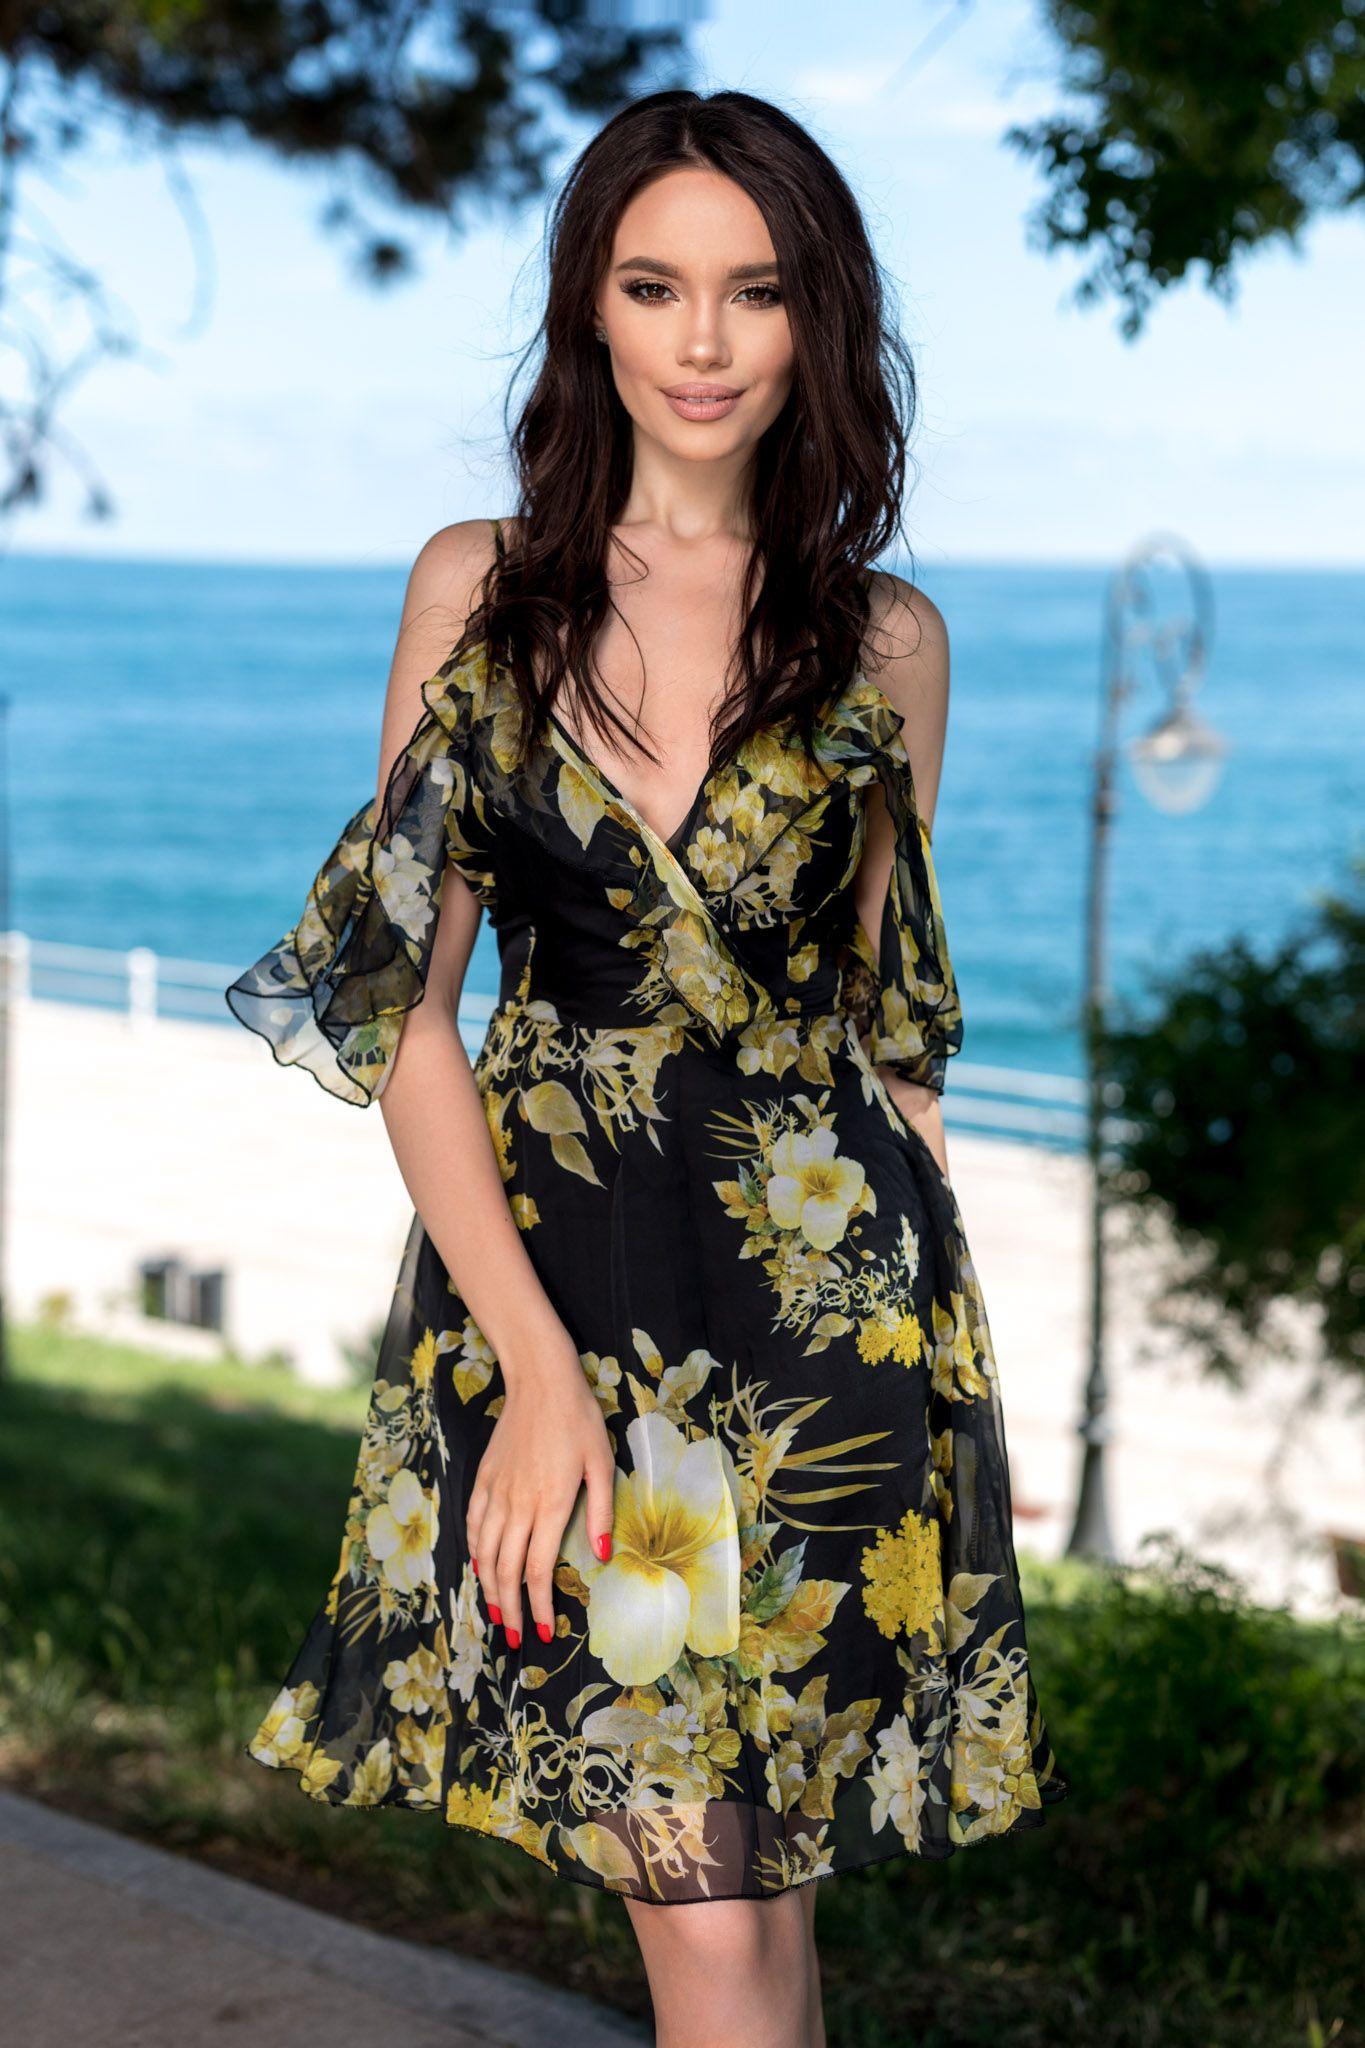 Rochie Priscilla Multi Rochie Din Voal Cu Imprimeu Floral Ideala